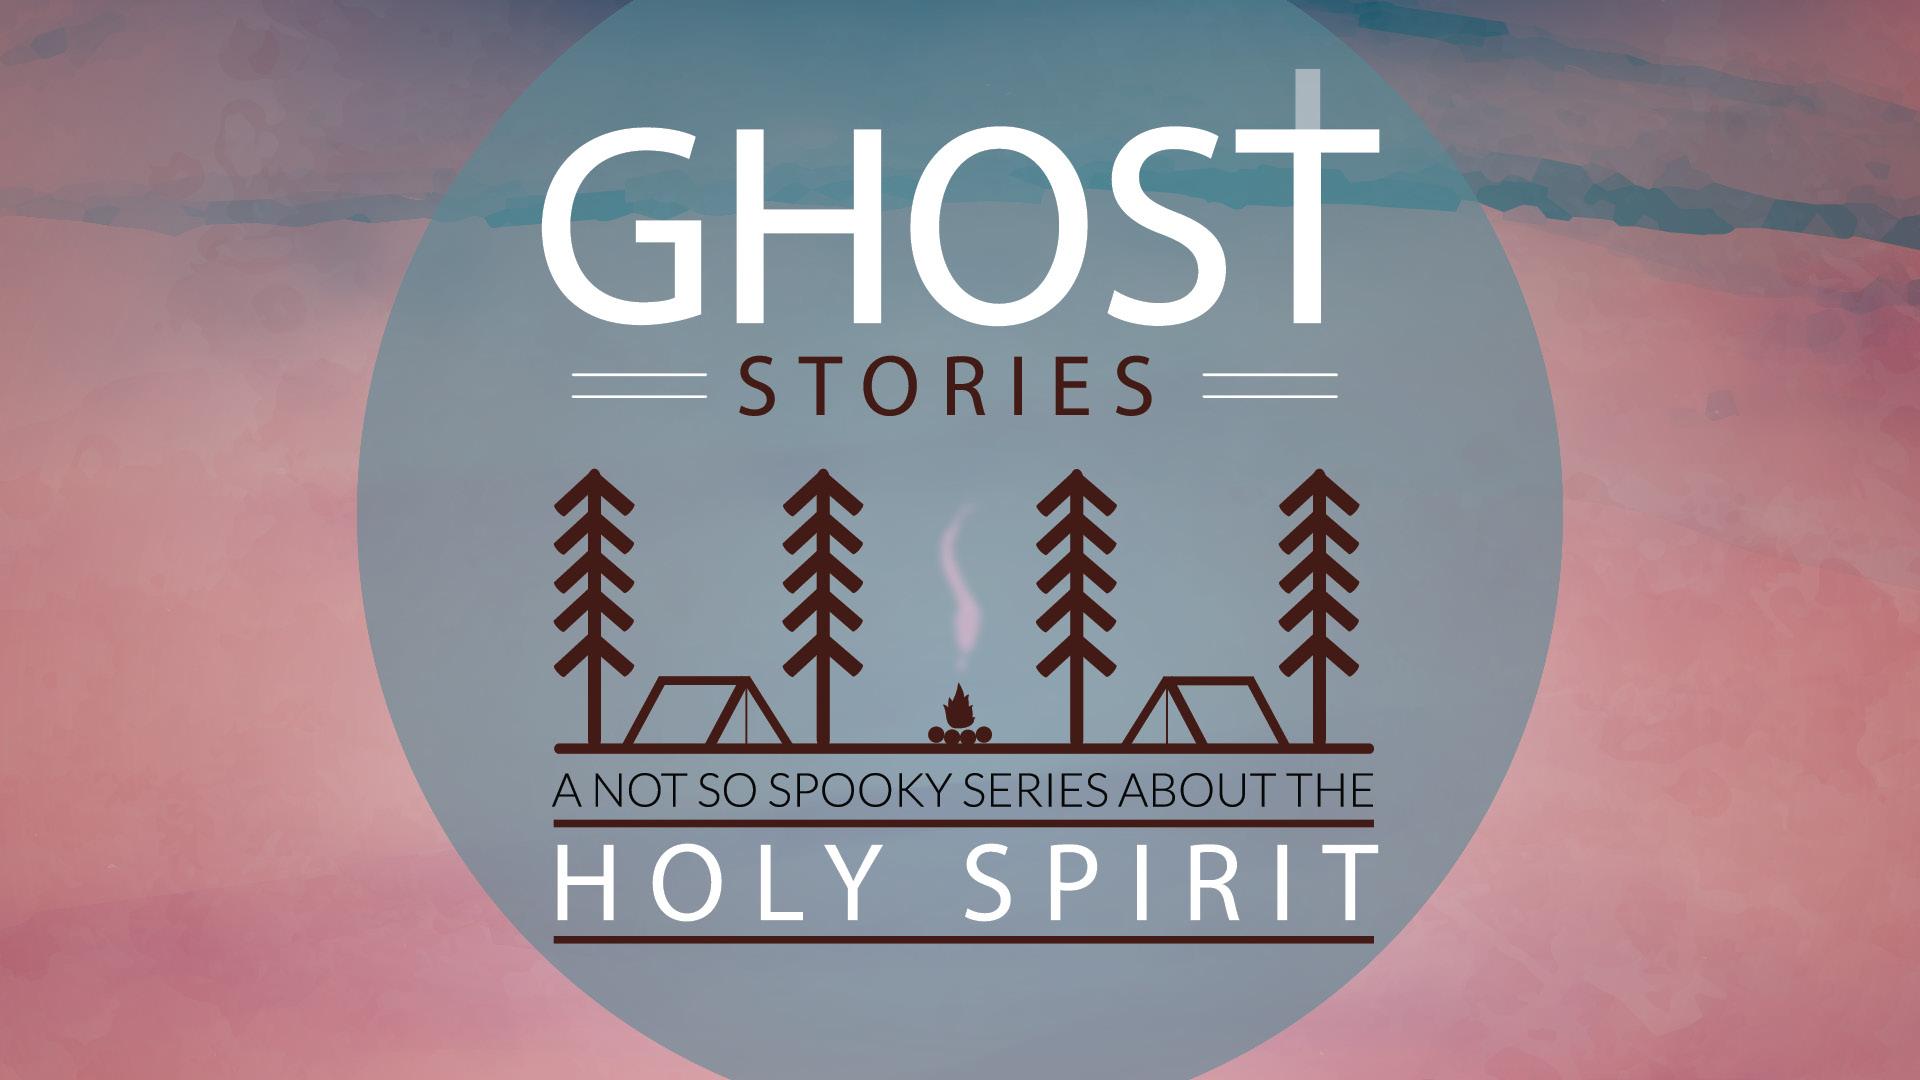 Ghost Stories_16_9 Slide.jpg